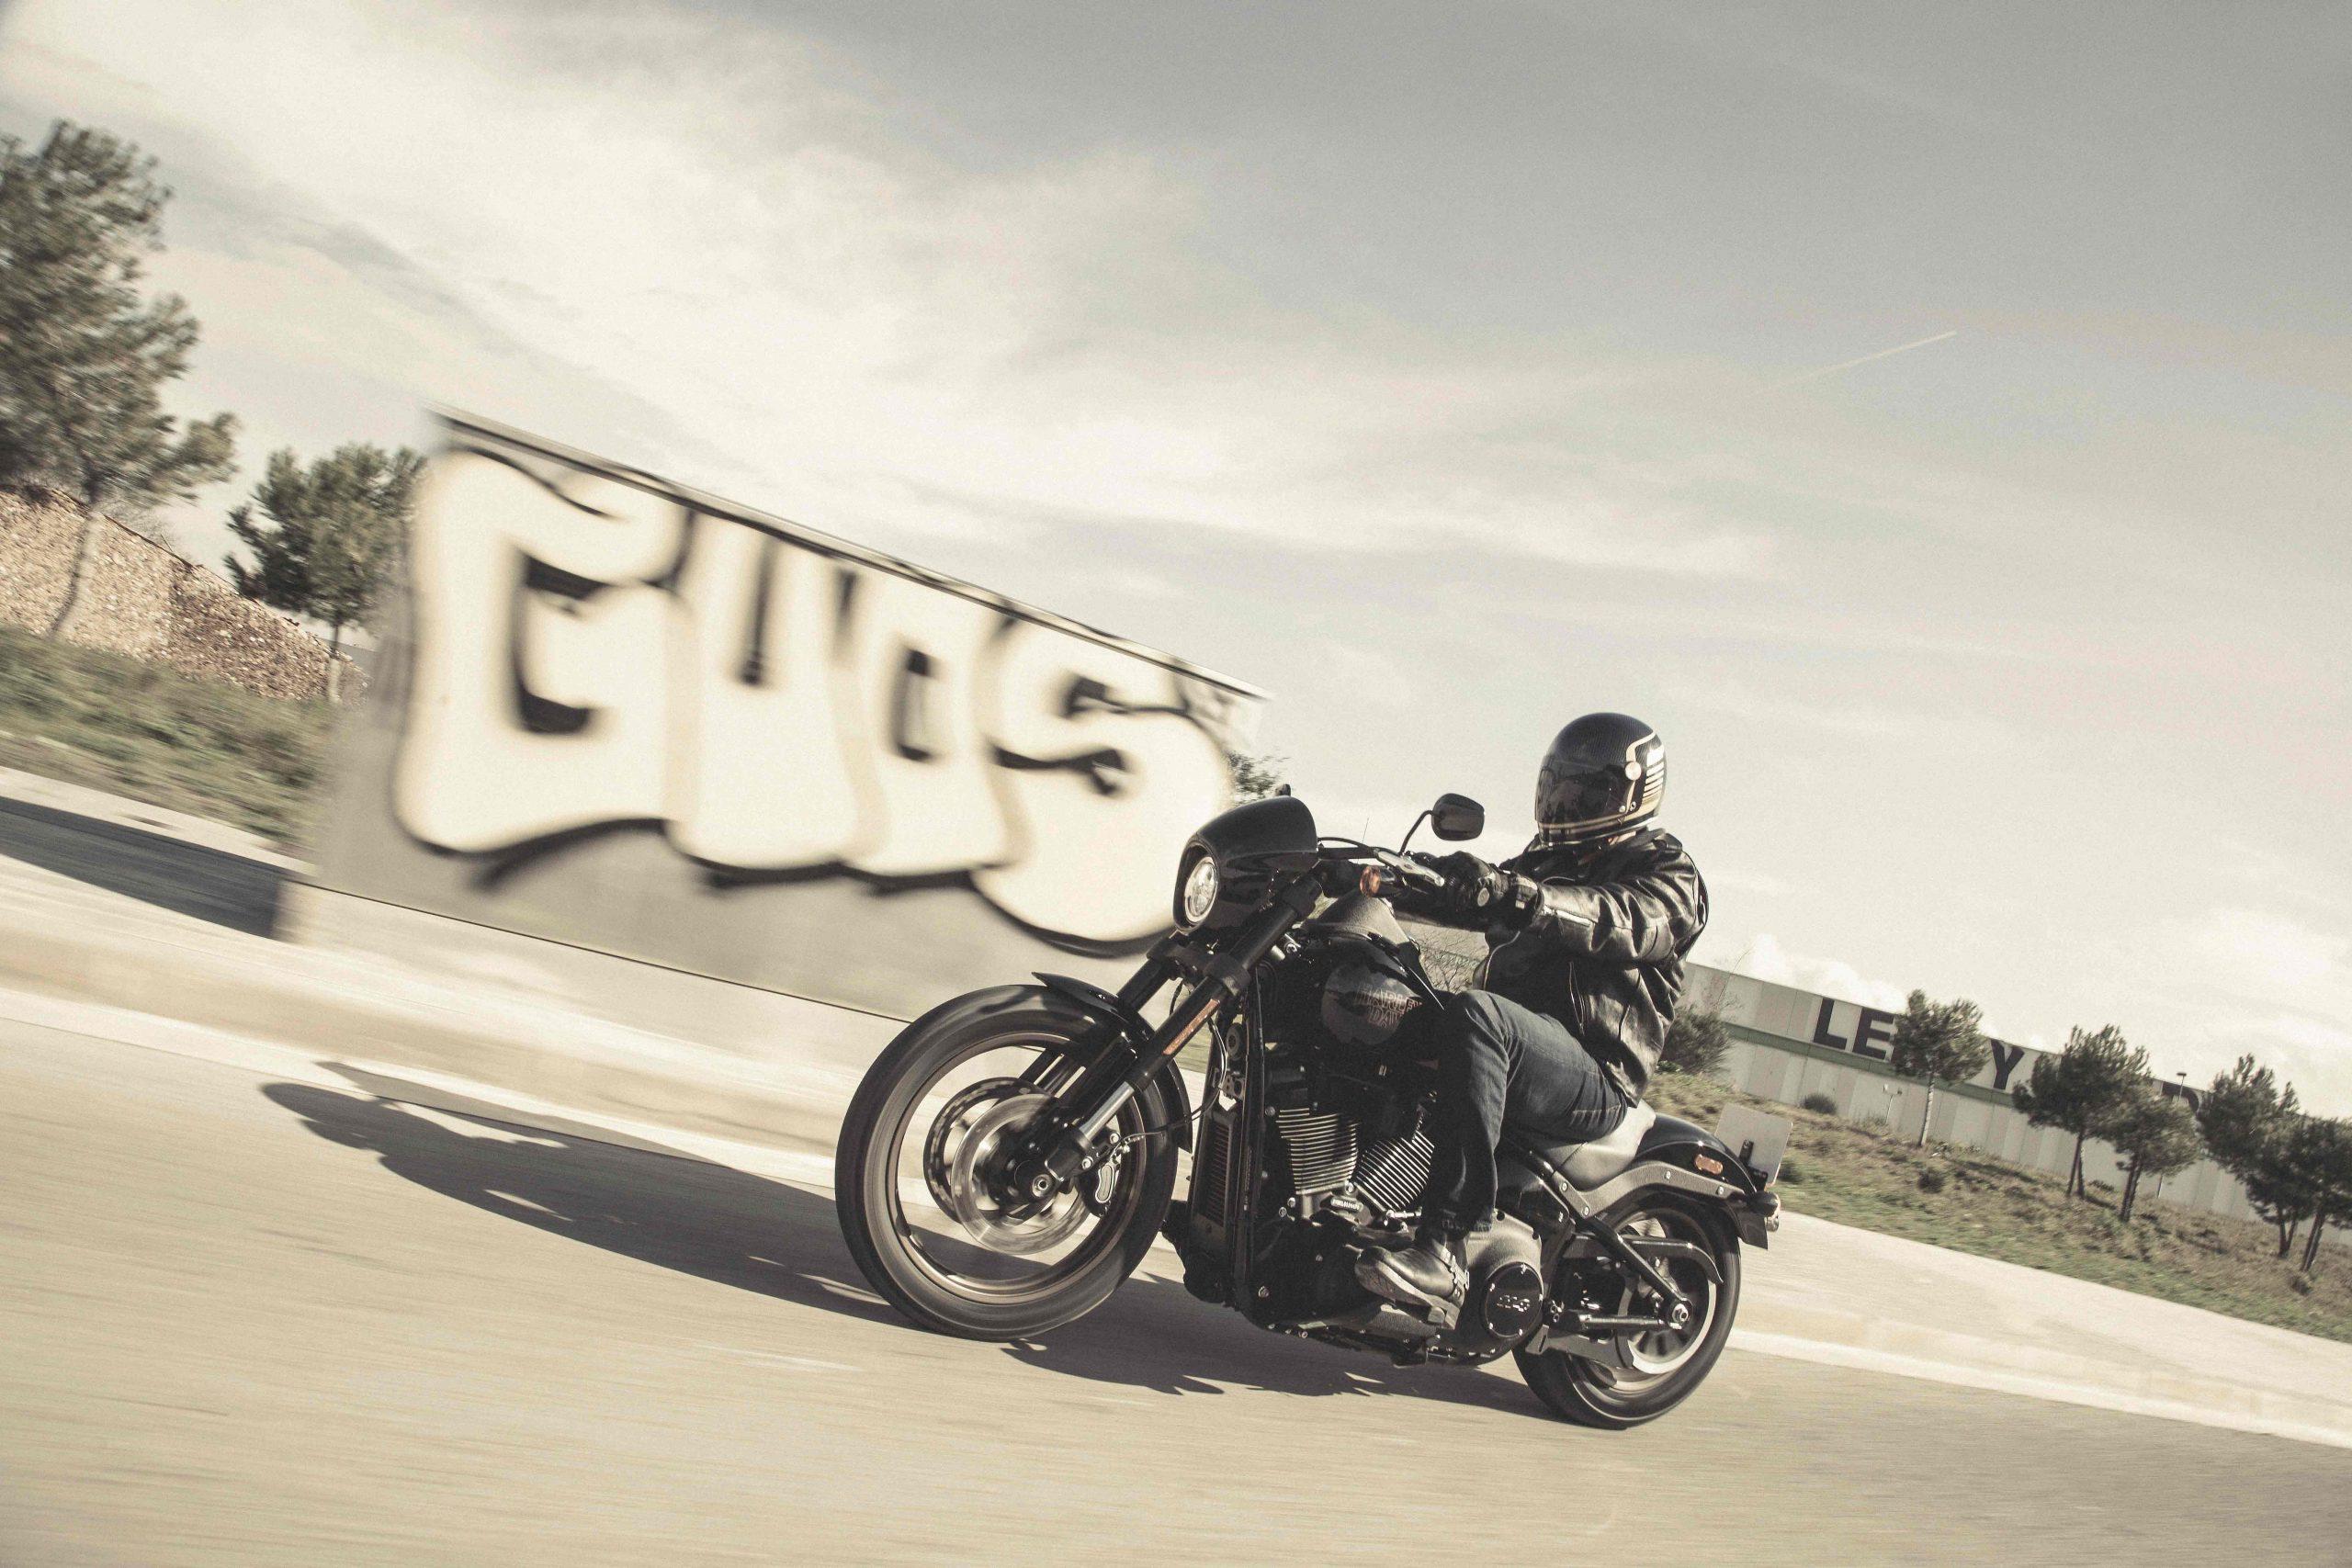 Harley Davidson Low Rider S: Eficiencia sin estridencias